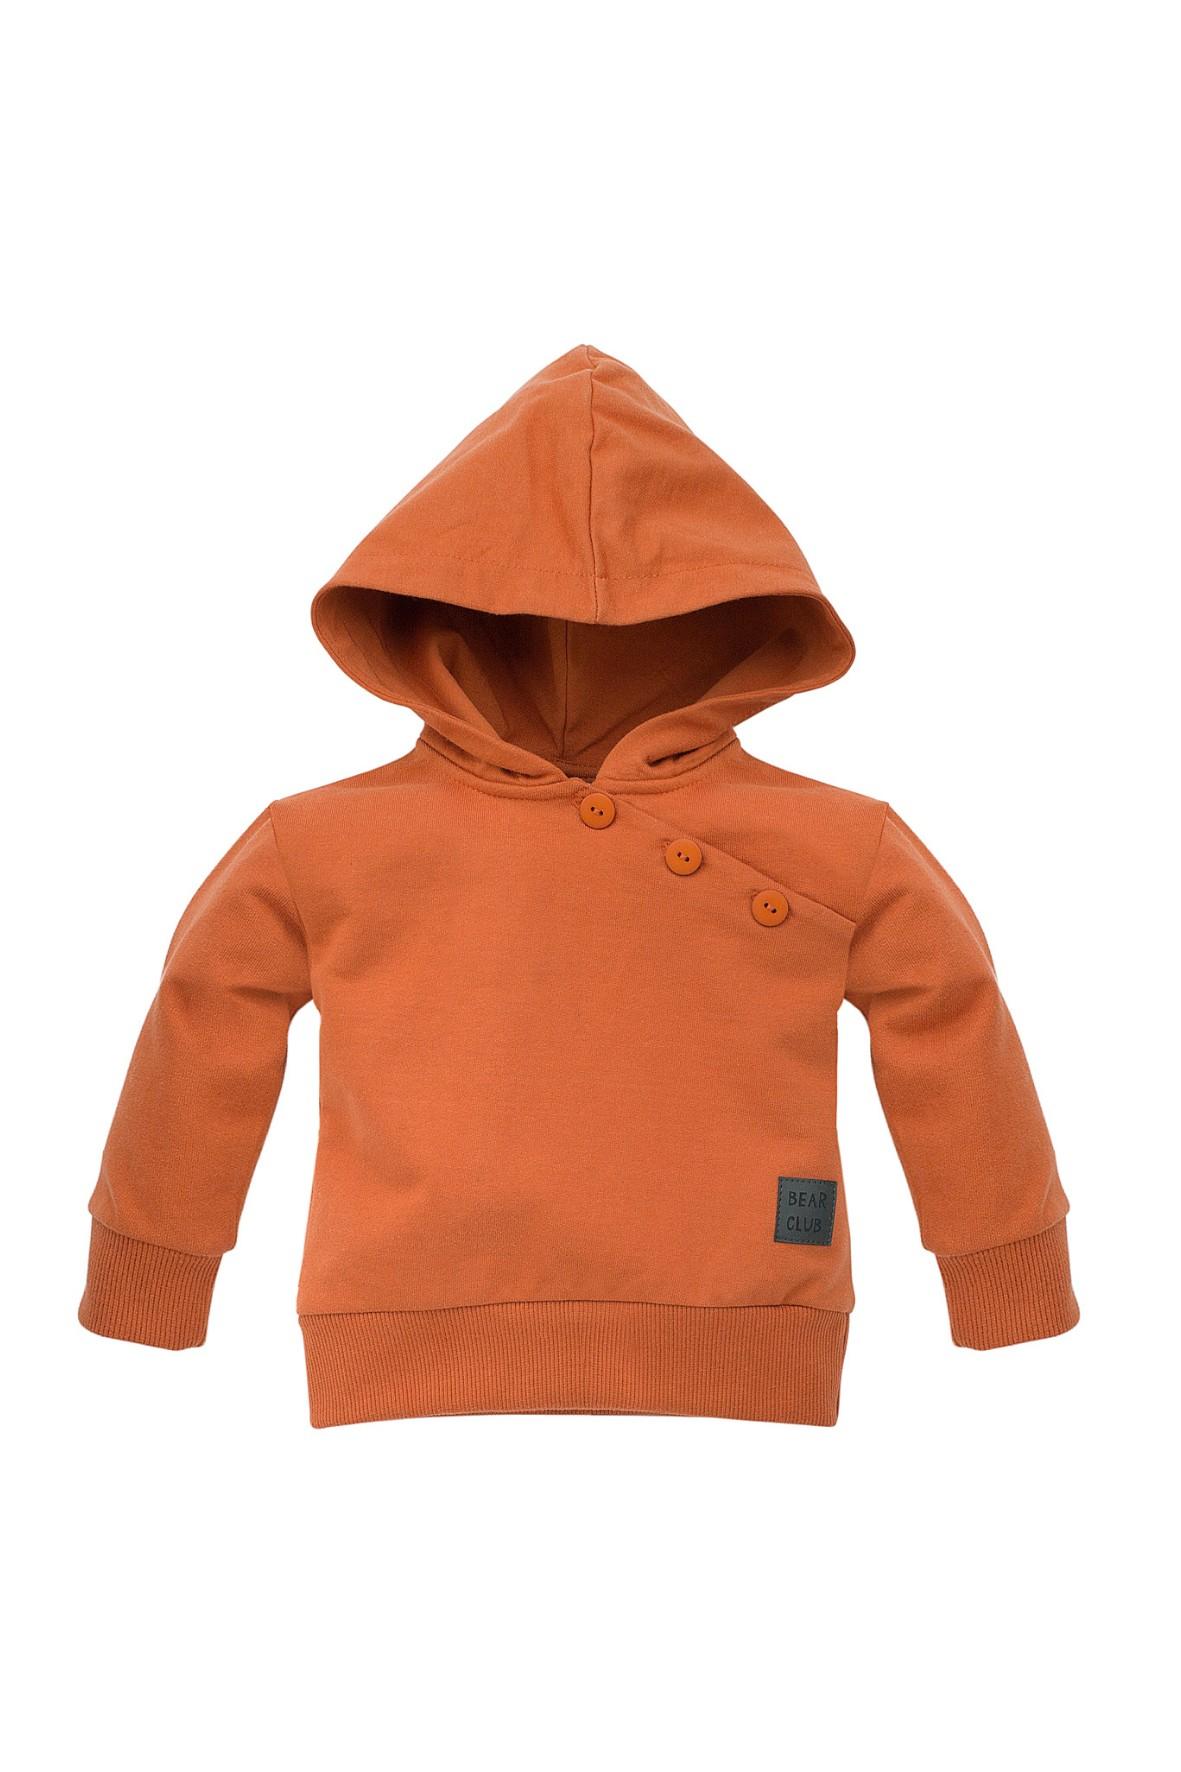 Bluza z kapturem Bears Club pomarańczowa